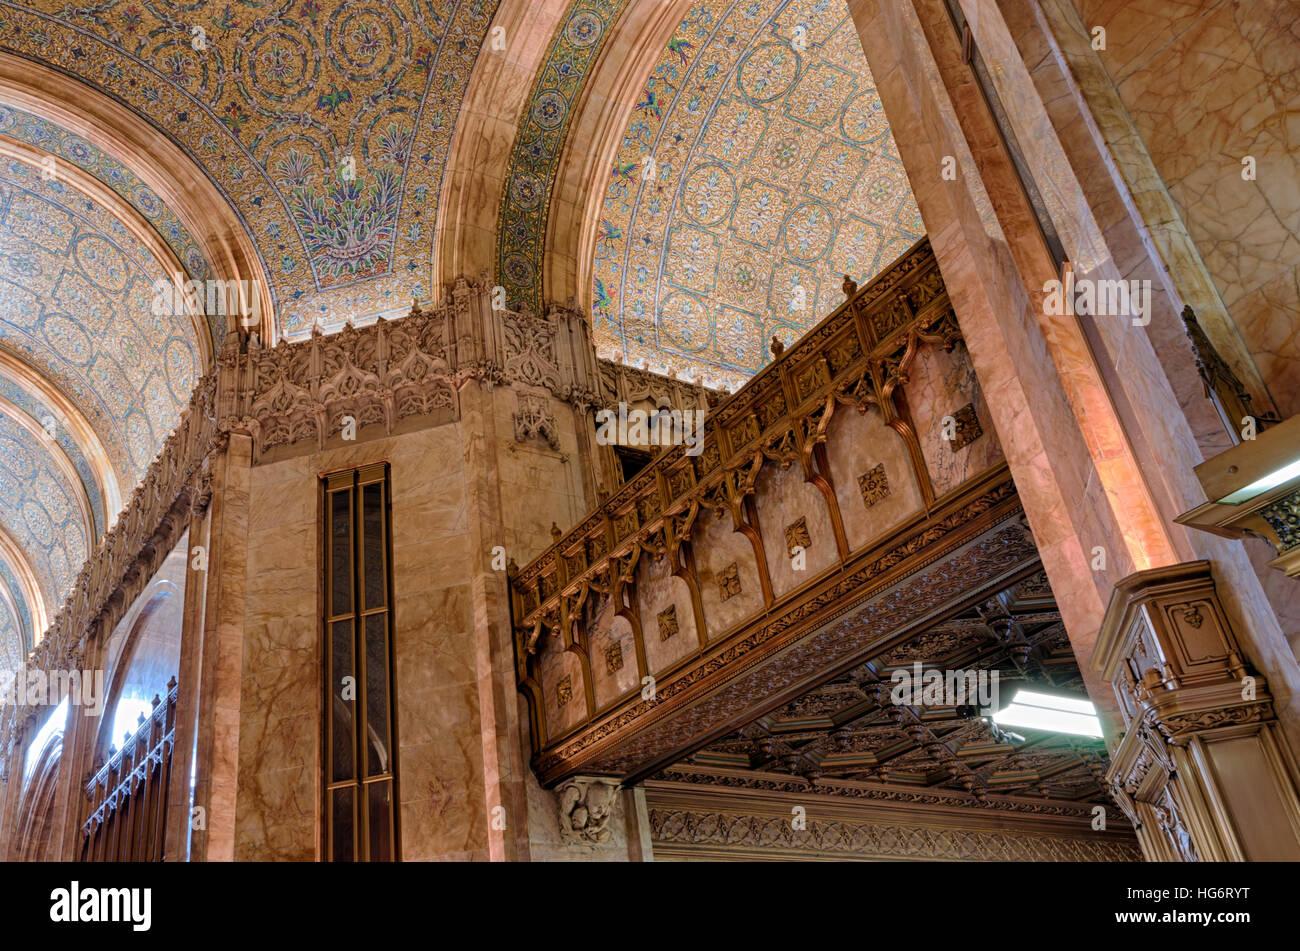 Interieur-architektonische Details der Lobby des denkmalgeschützten Woolworth Building in New York entworfen Stockbild